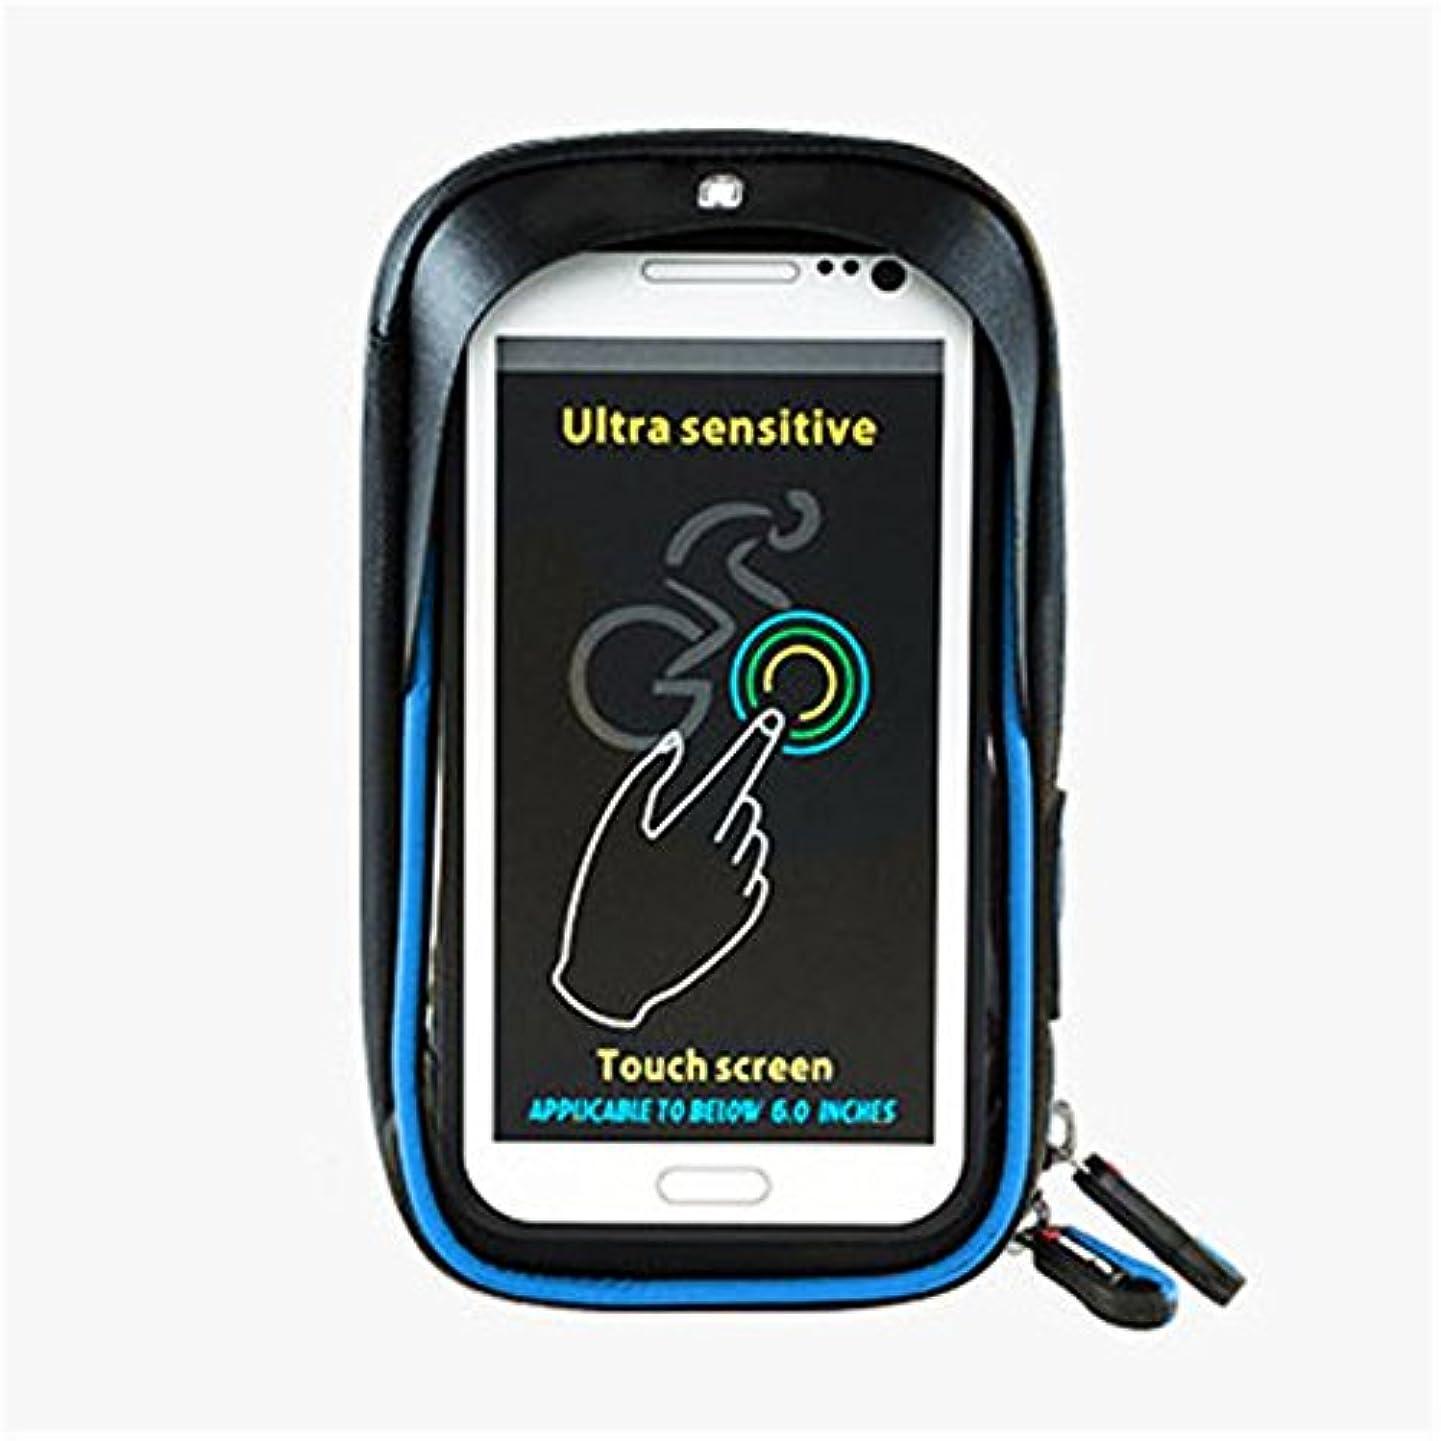 スポーツの試合を担当している人シュガー同じ自転車サドルバッグ自転車フロントフレームバッグ自転車防水トップチューブフレームフォト電話タッチスクリーンブラケット自転車バッグ6.0インチ以下の携帯電話に適して 自転車サドルバッグ大容量 (色 : 青)